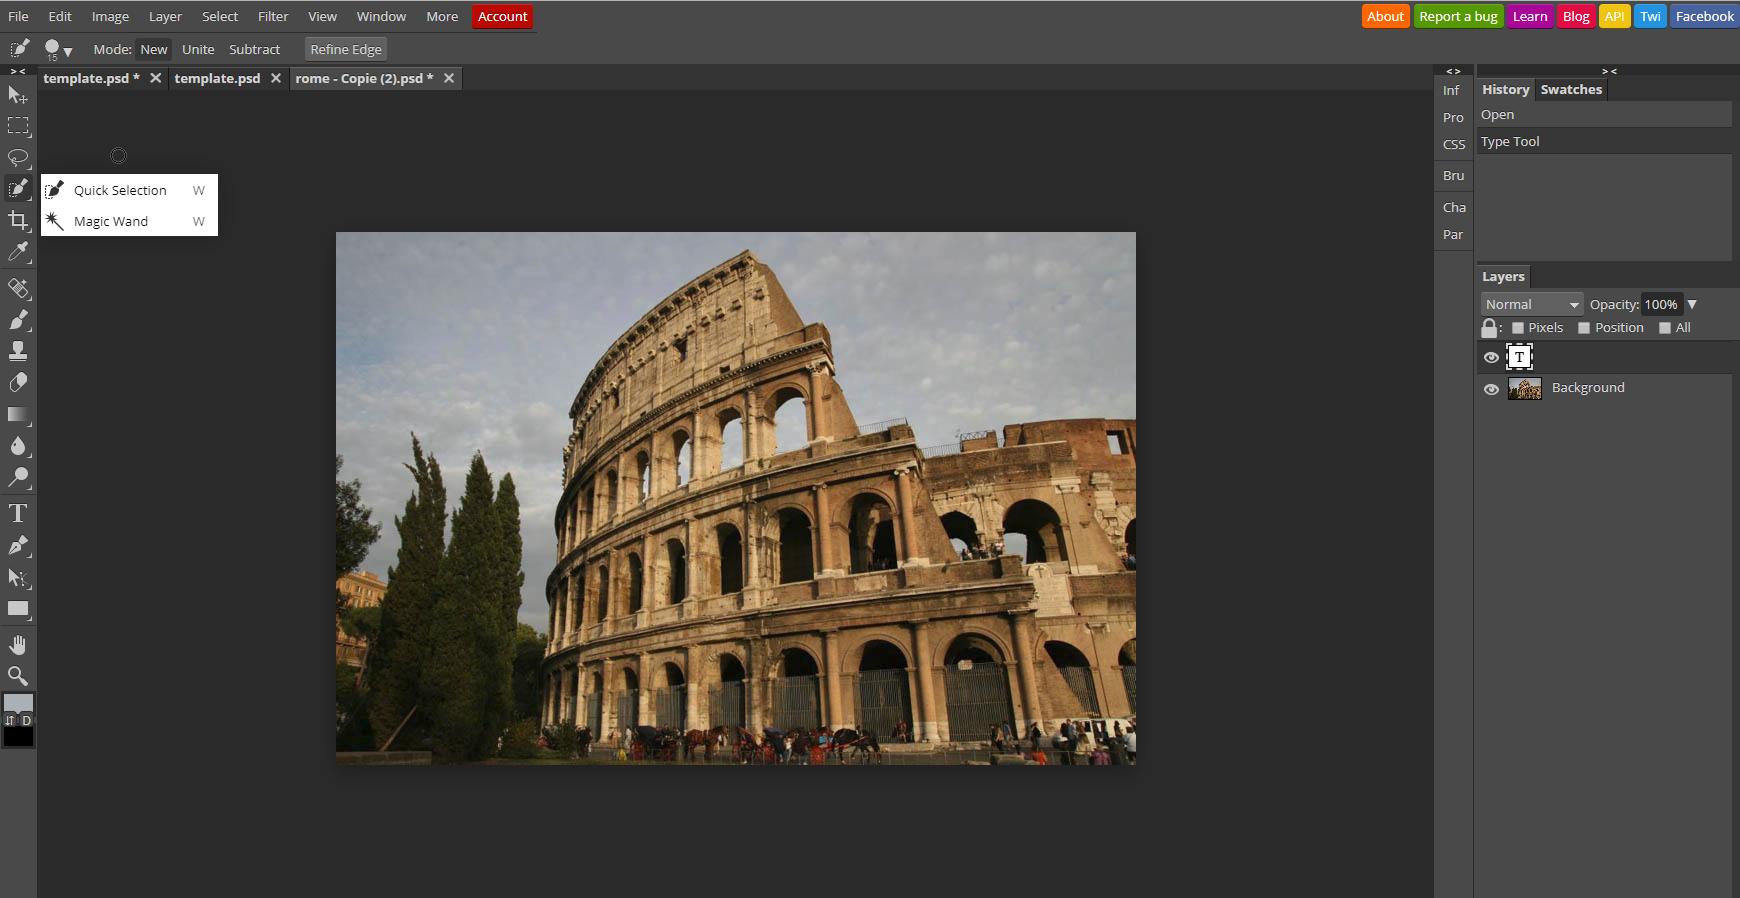 Logiciel de retouche photo Photopea / comparatif myposter